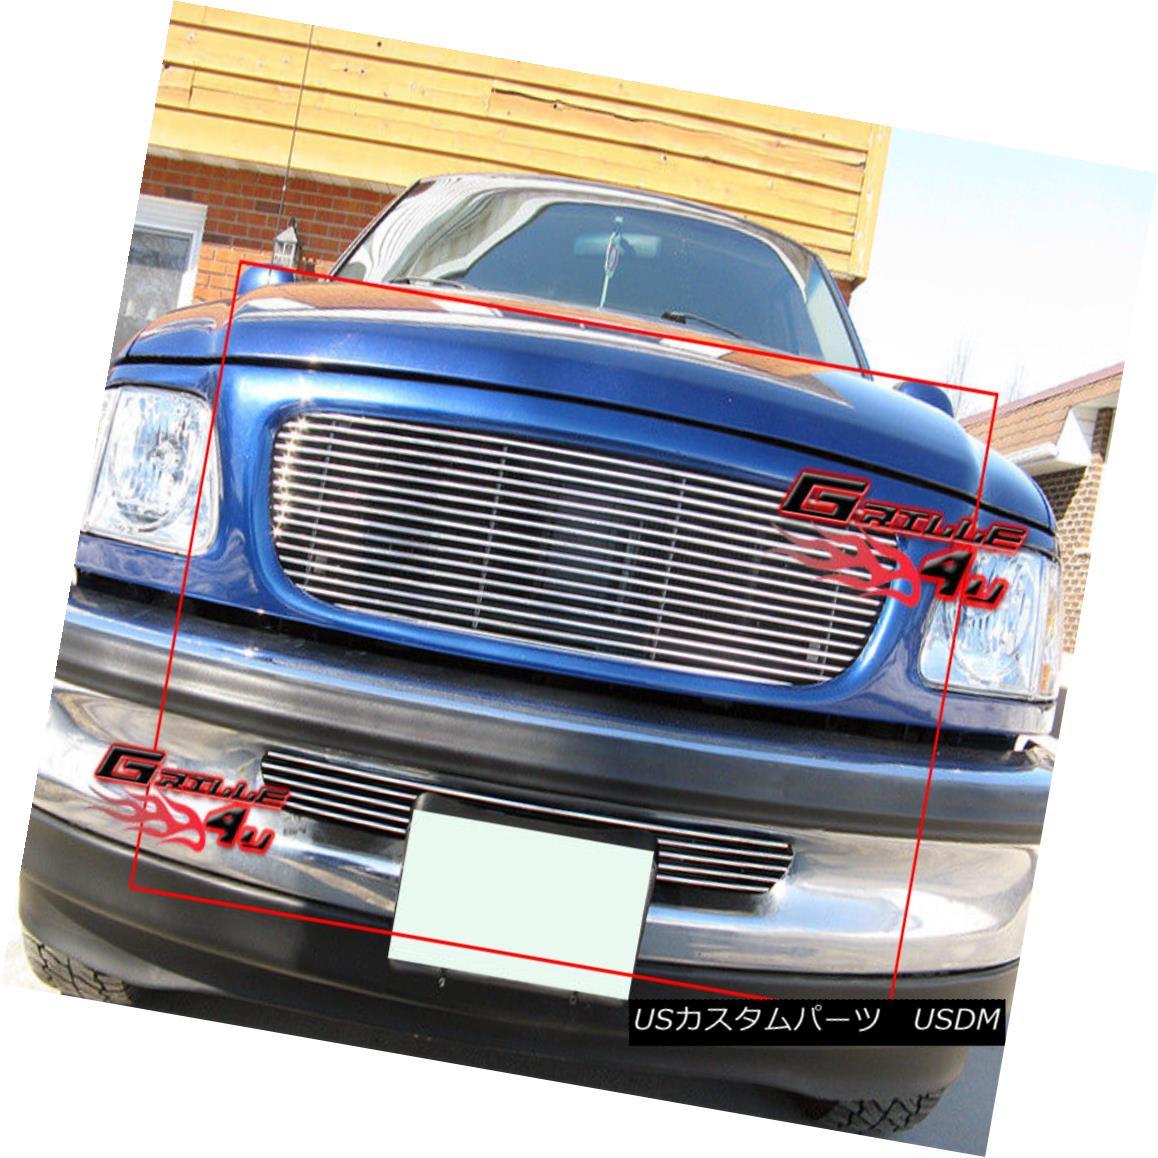 グリル Custom Fits 97-98 Ford F-150 2WD Billet Grill Upper+Lower Combo カスタムフィット97-98 Ford F-150 2WDビレットグリルアッパー+ロワーコンボ